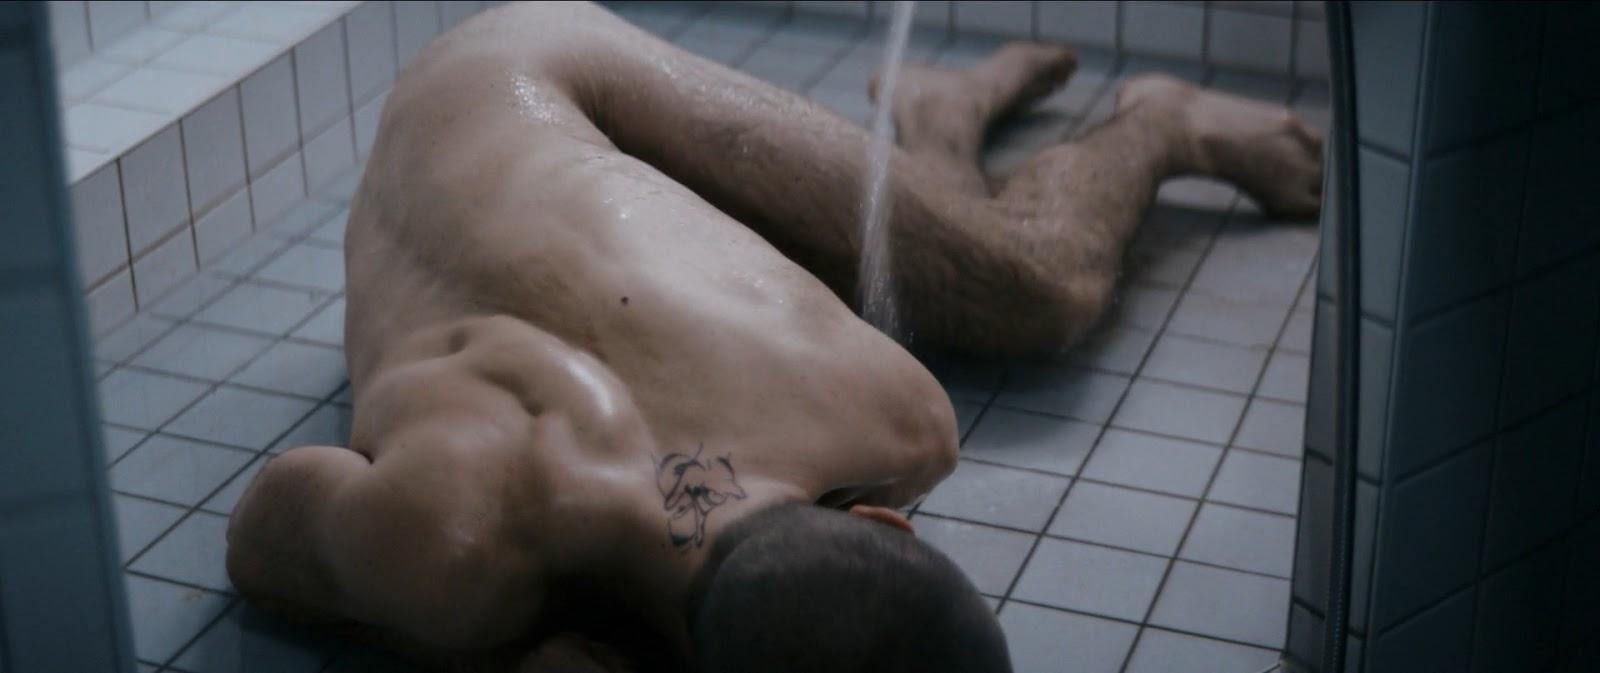 Nude jannik schümann Gay Male